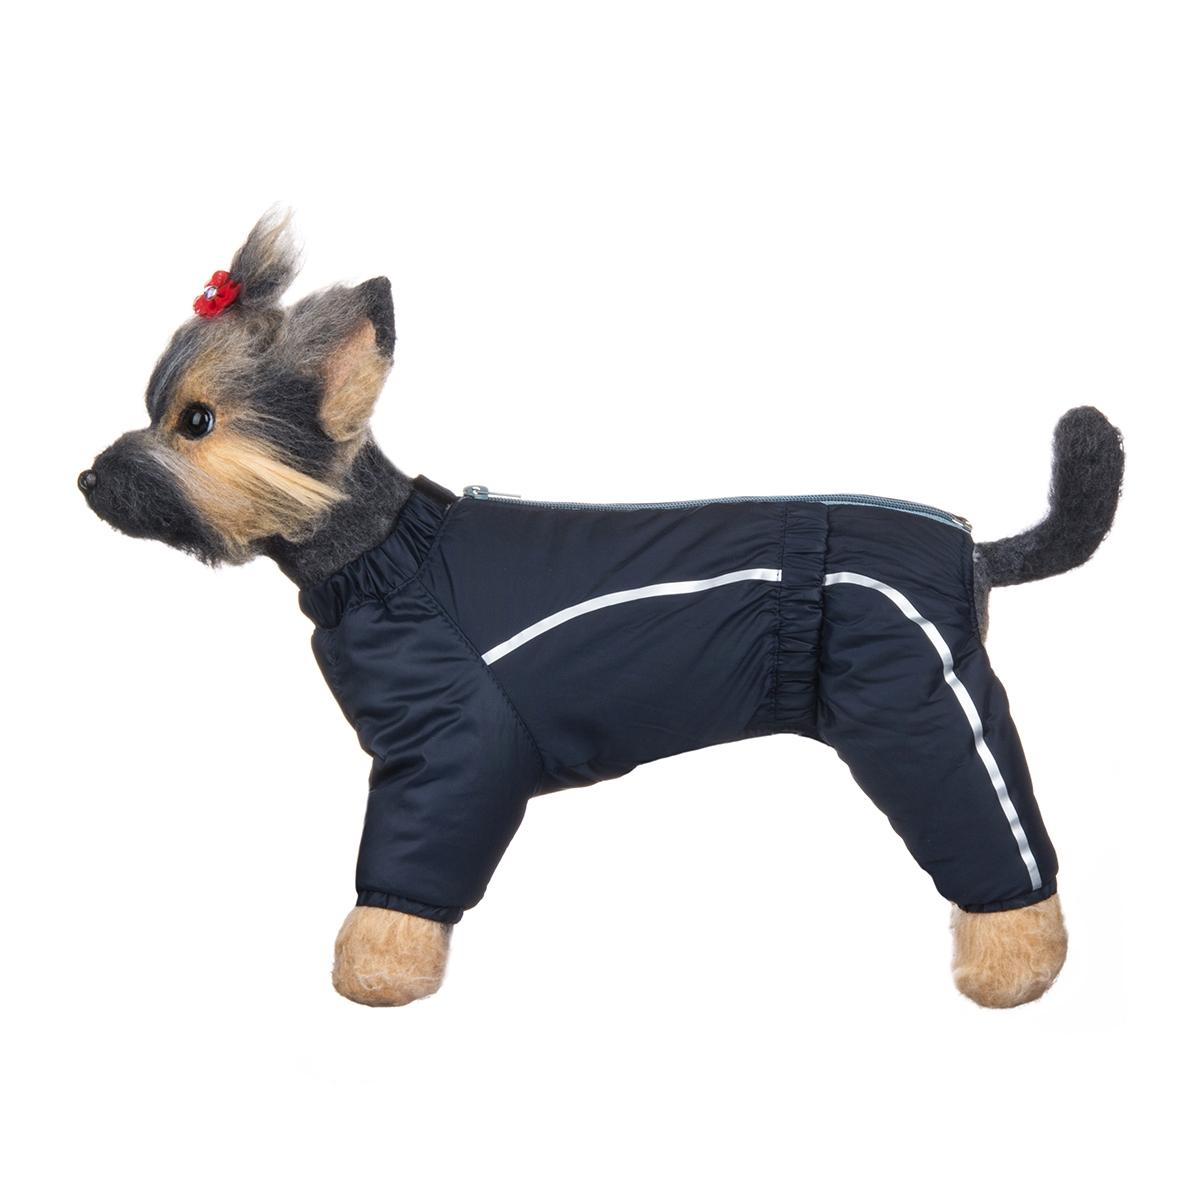 Комбинезон для собак Dogmoda Альпы, зимний, для мальчика, цвет: синий, светло-серый. Размер 3 (L)0120710Зимний комбинезон для собак Dogmoda Альпы отлично подойдет для прогулок в зимнее время года.Комбинезон изготовлен из полиэстера, защищающего от ветра и снега, с утеплителем из синтепона, который сохранит тепло даже в сильные морозы, а на подкладке используется искусственный мех, который обеспечивает отличный воздухообмен. Комбинезон застегивается на молнию и липучку, благодаря чему его легко надевать и снимать. Ворот, низ рукавов и брючин оснащены внутренними резинками, которые мягко обхватывают шею и лапки, не позволяя просачиваться холодному воздуху. На пояснице имеется внутренняя резинка. Изделие декорировано серебристыми полосками и надписью DM.Благодаря такому комбинезону простуда не грозит вашему питомцу и он сможет испытать не сравнимое удовольствие от снежных игр и забав.